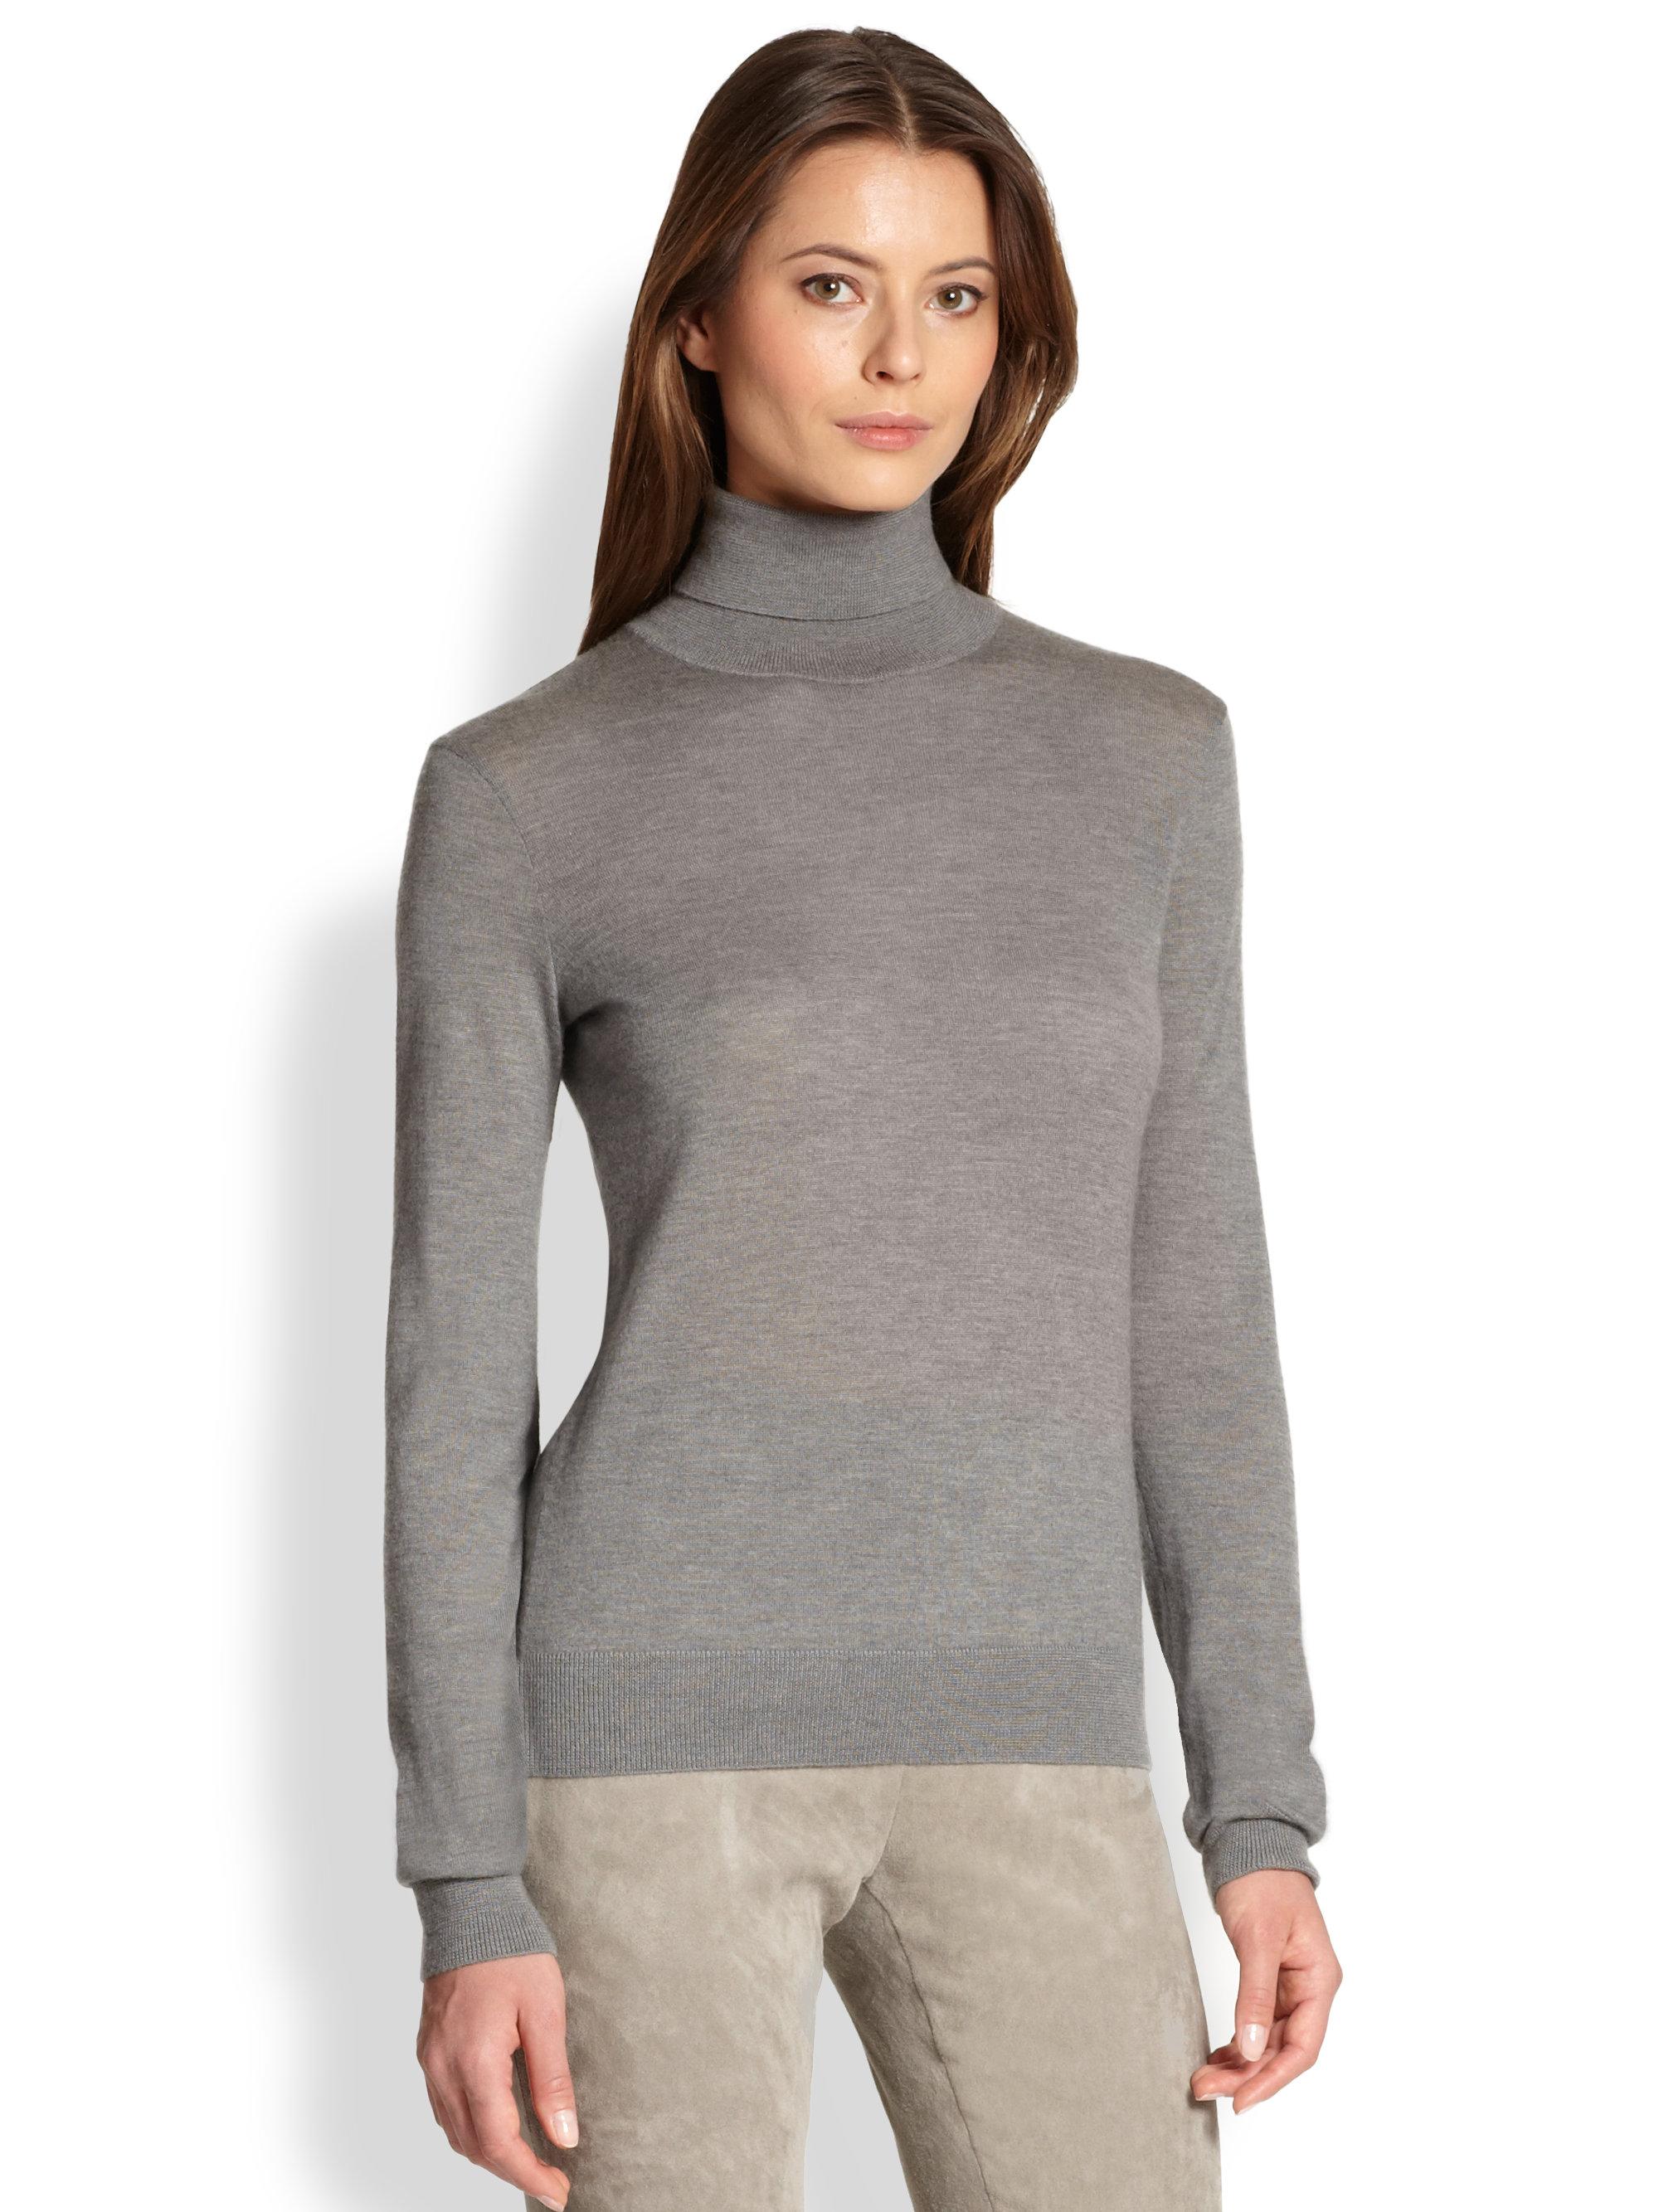 Cashmere womens grey sweater for dubai